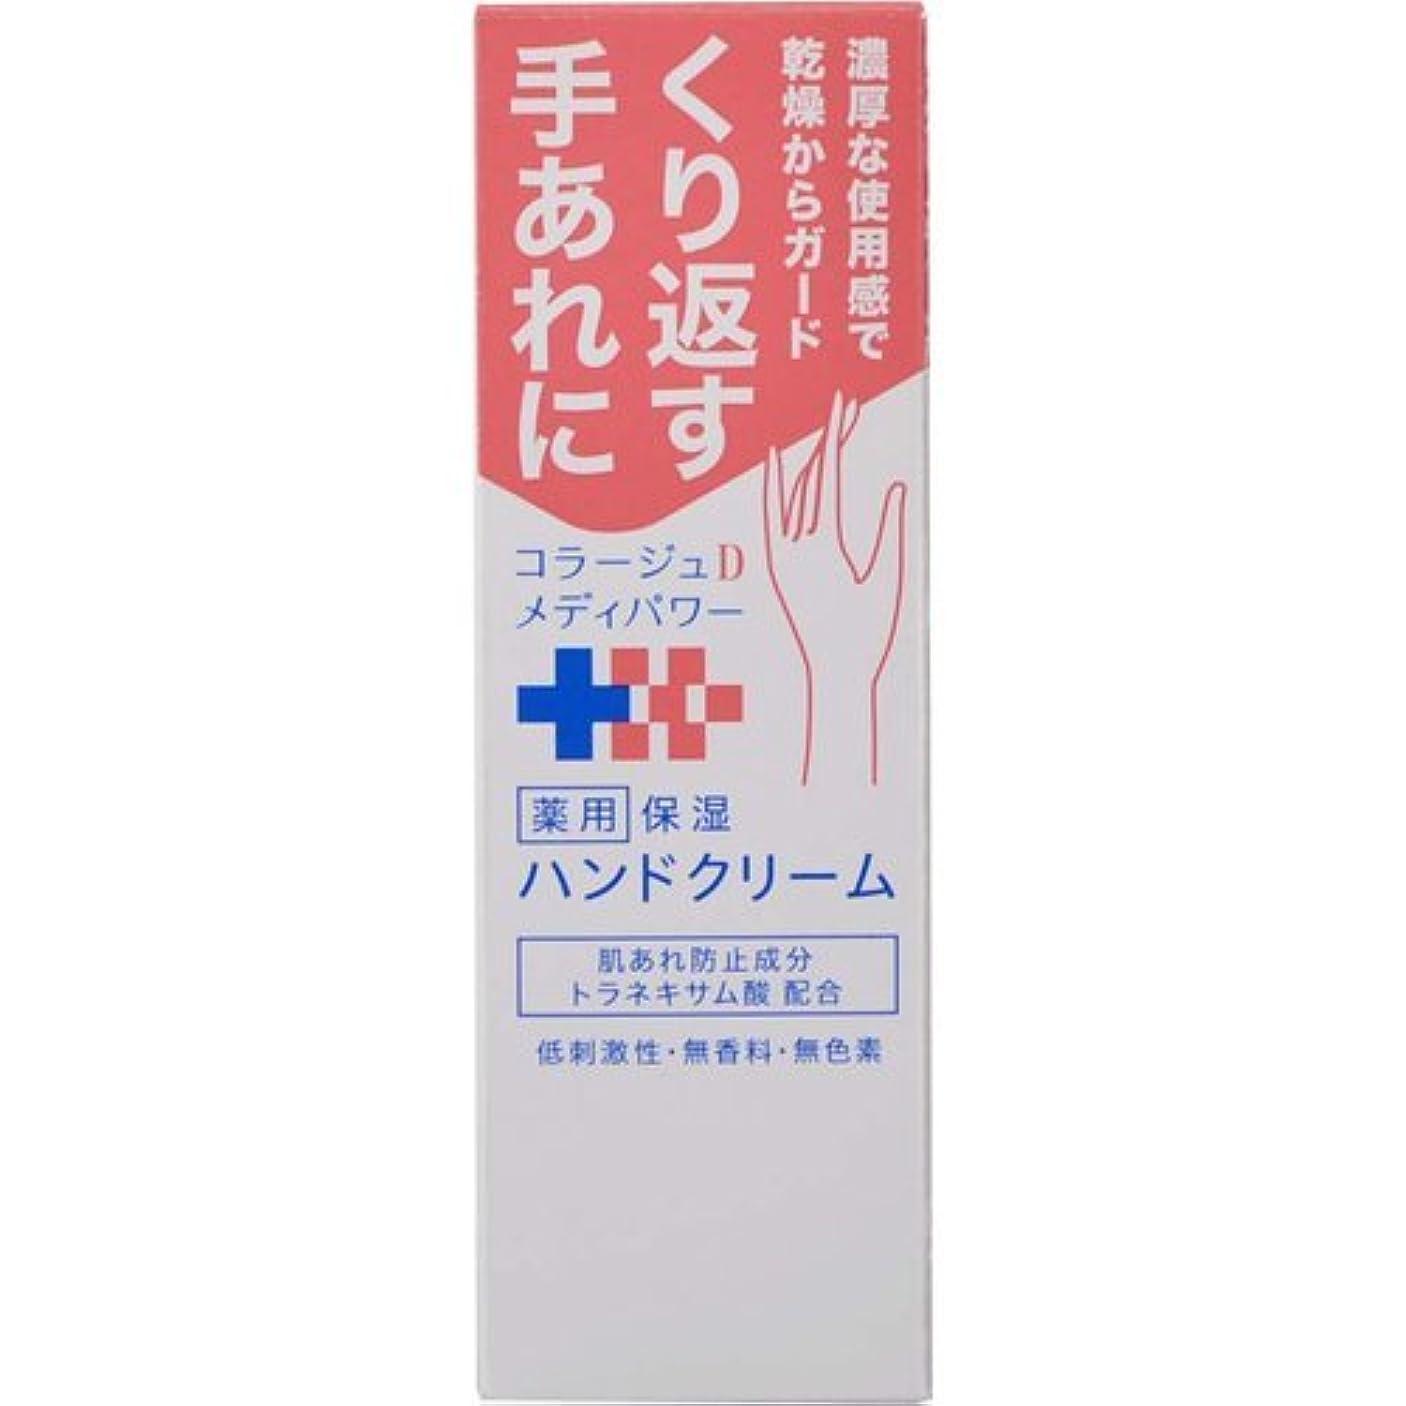 ヒョウ規制するラボコラージュD メディパワー 保湿ハンドクリーム 30g×5個セット